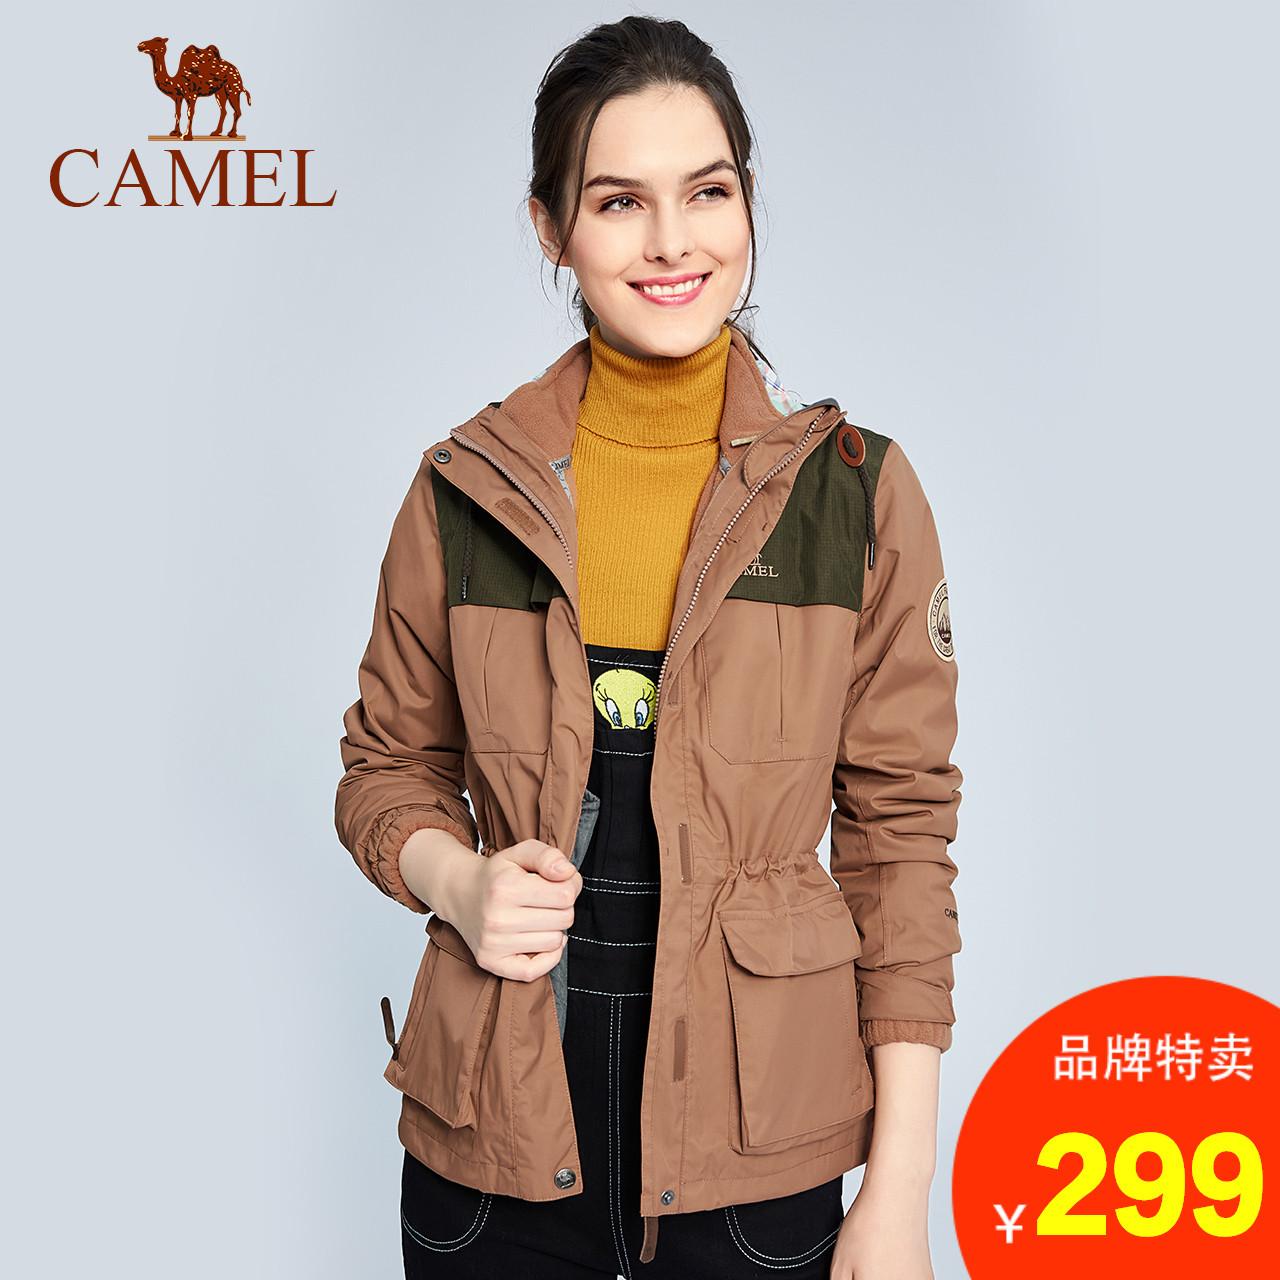 特卖 骆驼户外秋冬季登山滑雪服女款外套防风防水保暖女装冲锋衣